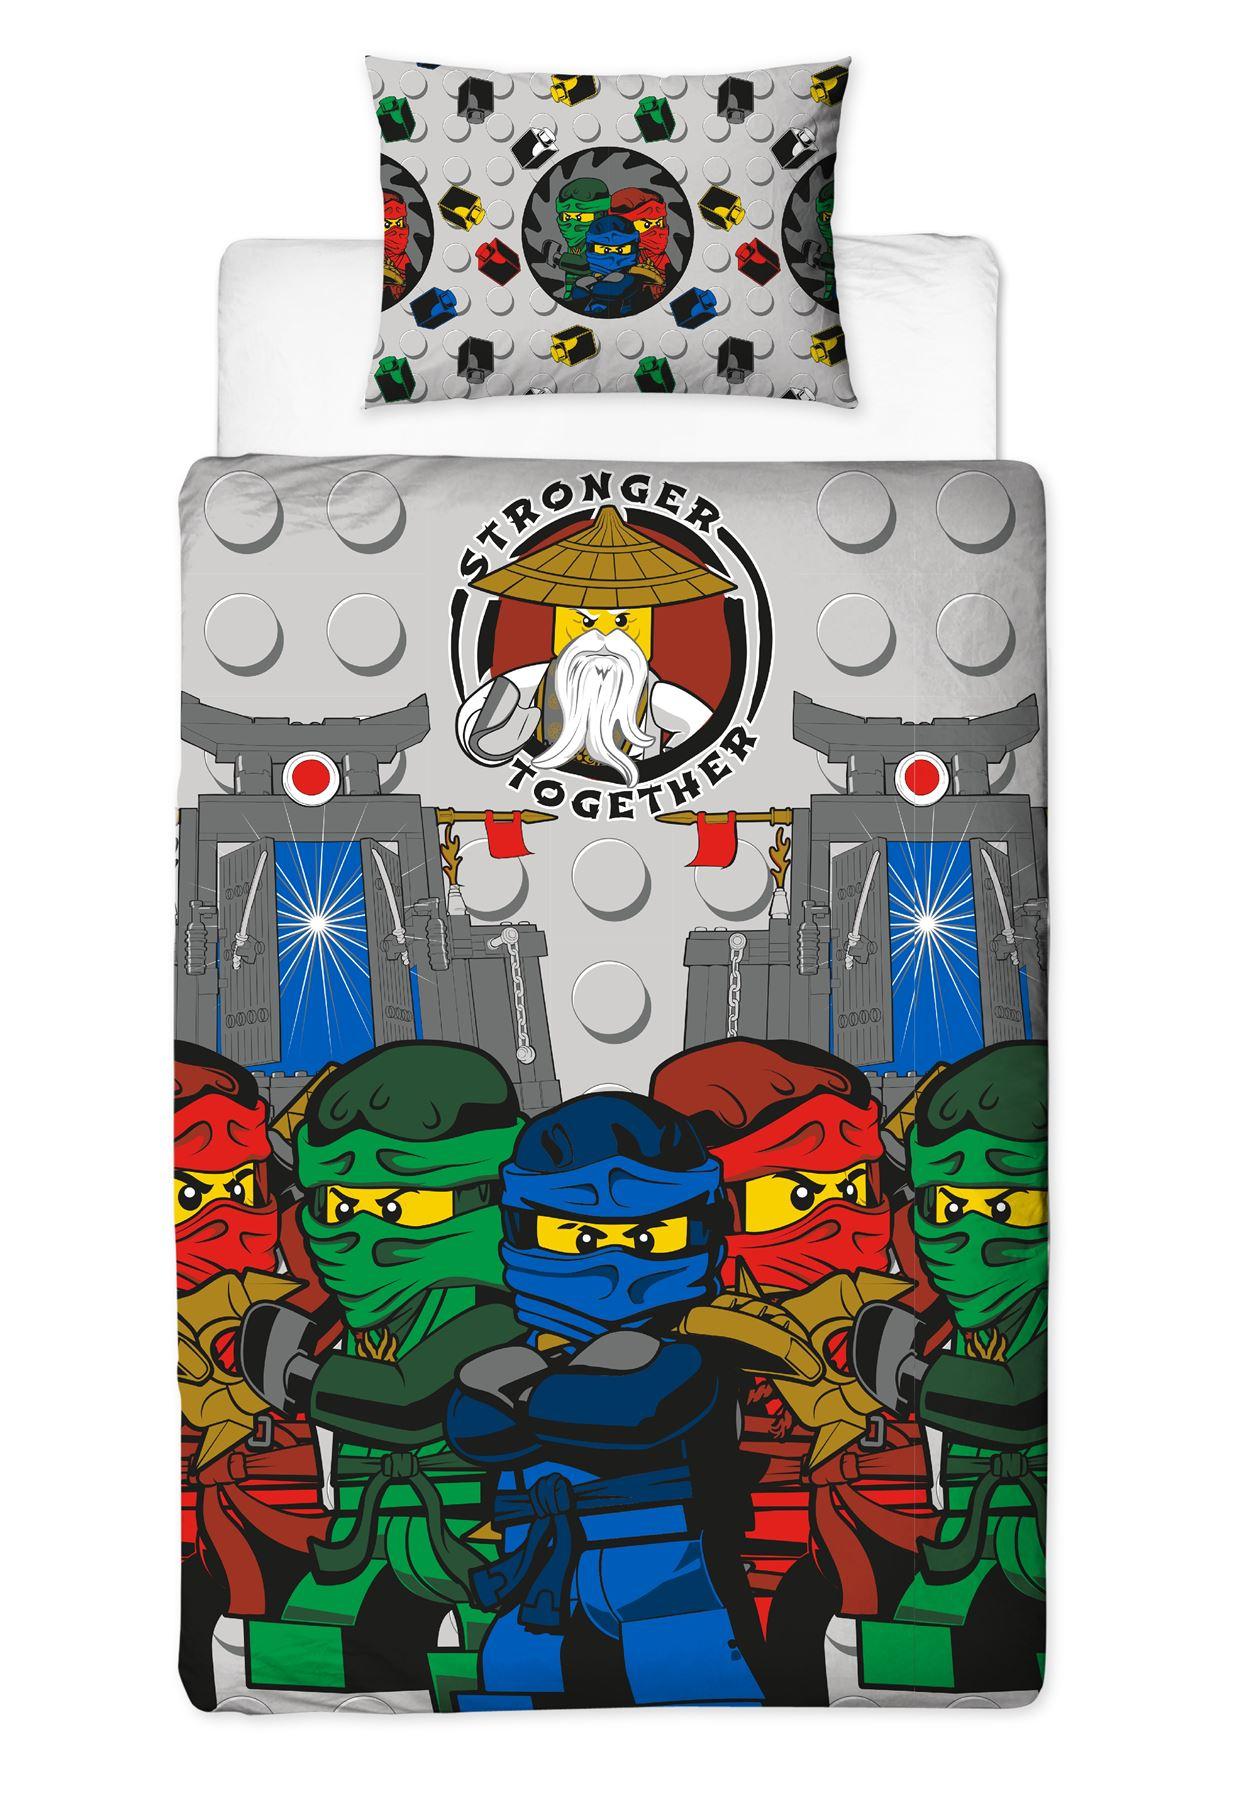 Official-Licensed-Lego-Duvet-Bedding-Ninjago-Batman-Star-Wars-Jurassic thumbnail 29